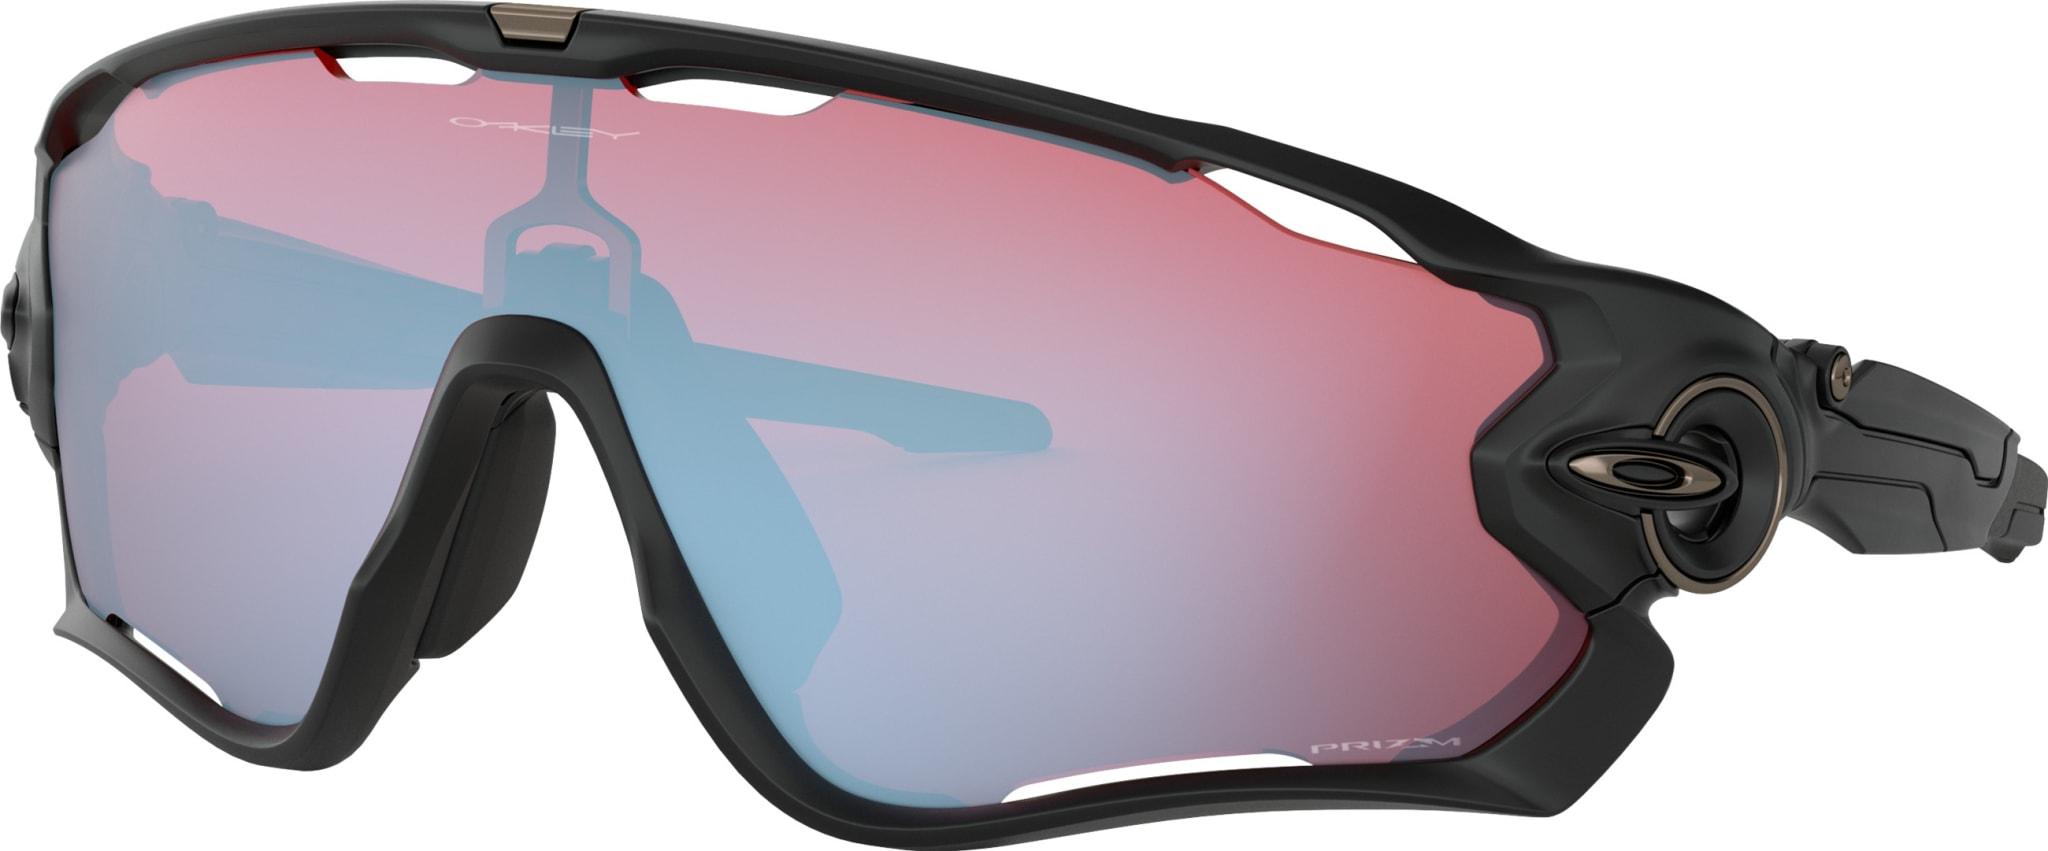 De feteste sportsbrillene, nå med snøglass!